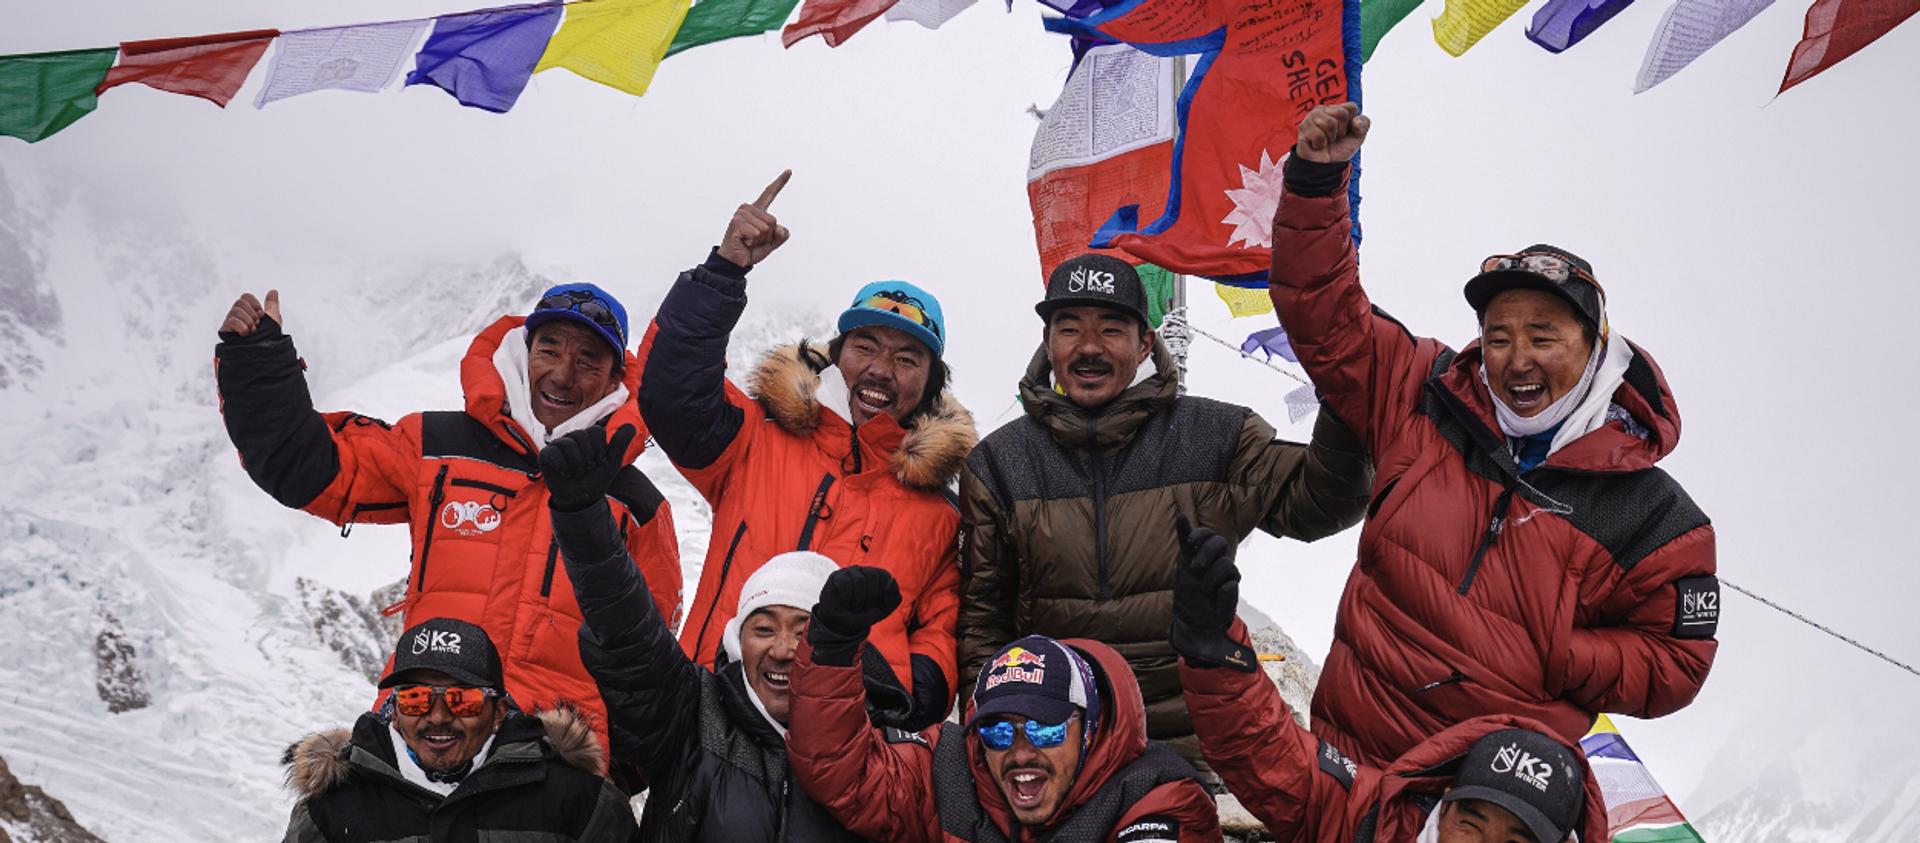 Dünyanın Everest'ten sonra en yüksek noktası olan K2 dağının zirvesine kış mevsiminde ulaşan Nepalli dağcılar, bir ilke imza attı - Sputnik Türkiye, 1920, 17.01.2021